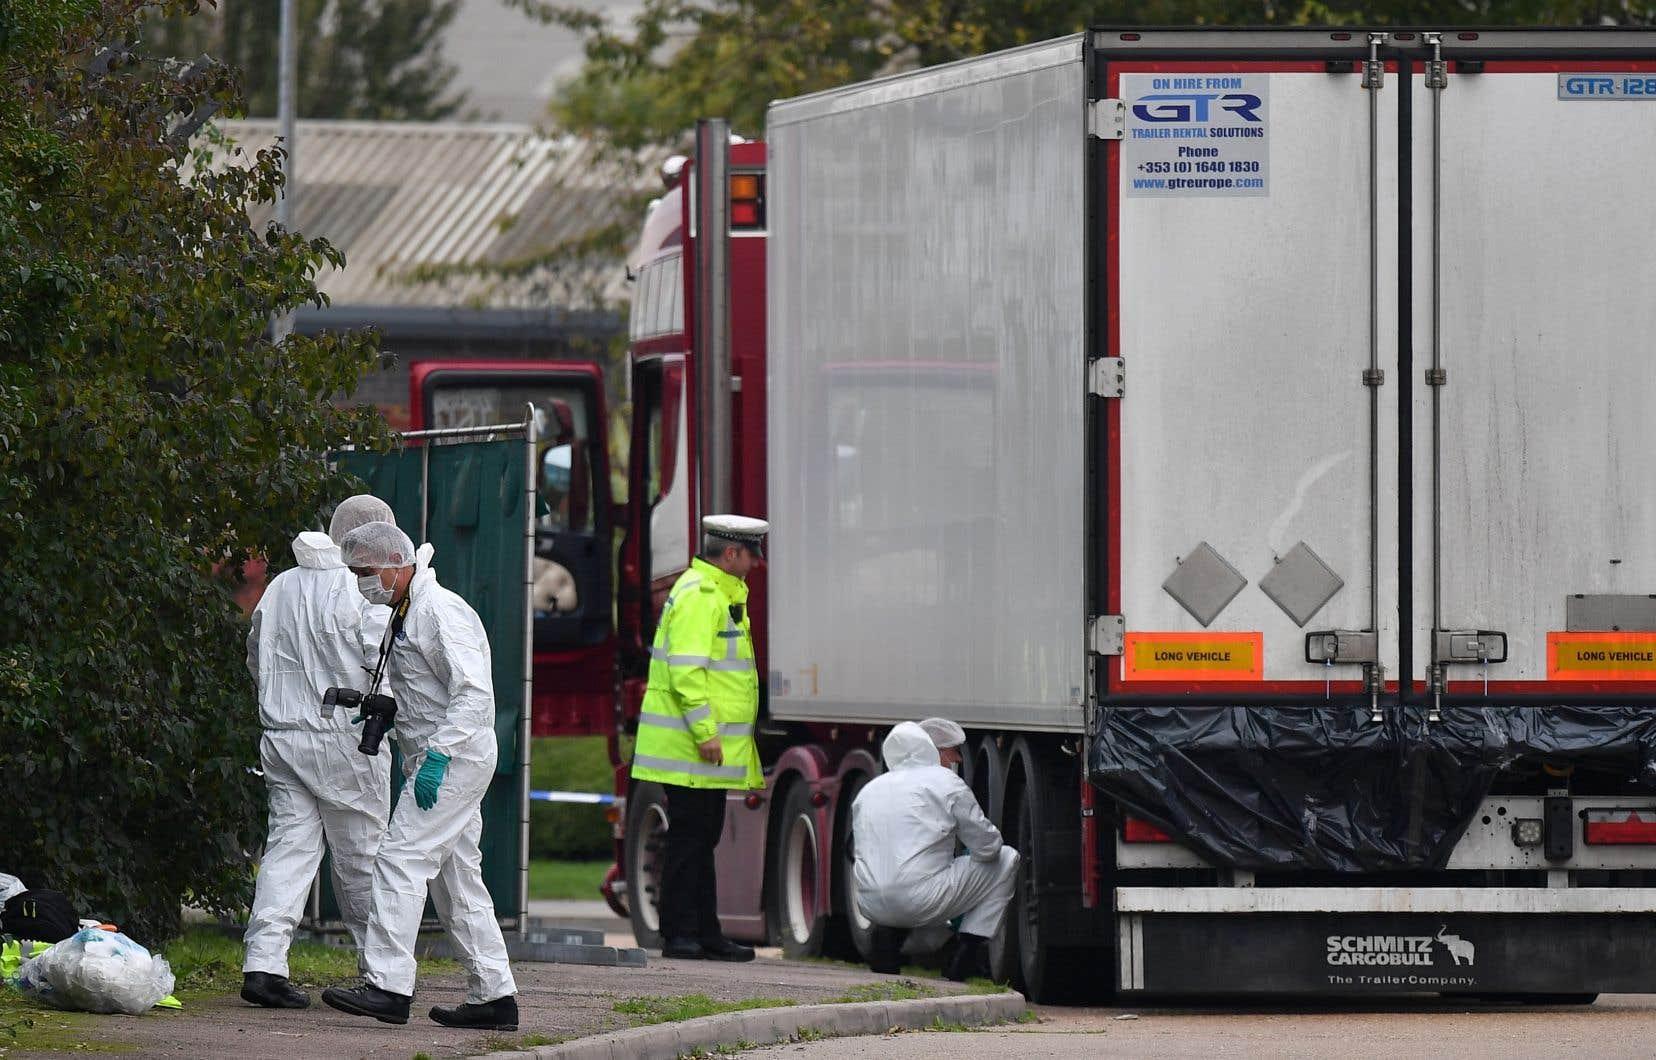 Mercredi, la police avait été alertée de la présence d'un camion contenant 39 corps sans vie dans une zone industrielle à Grays, dans l'Essex.